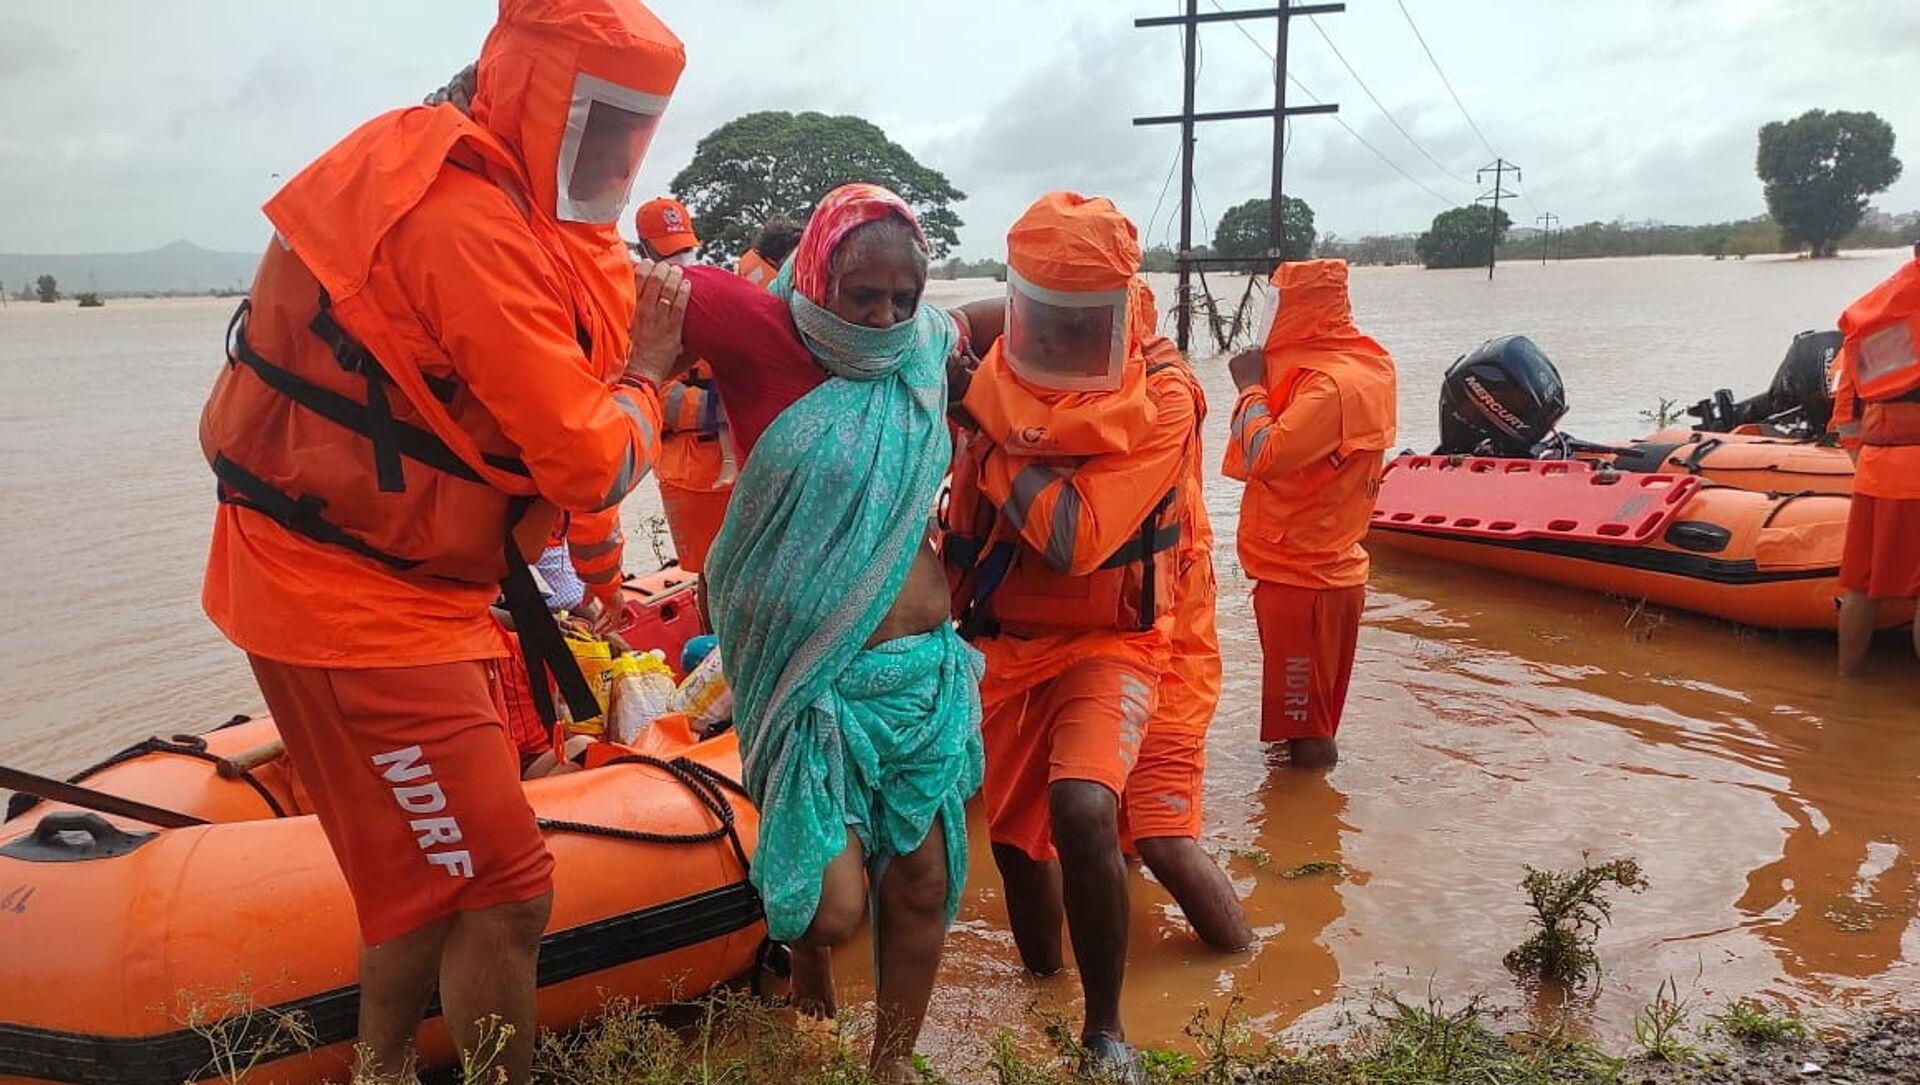 Lực lượng cứu hộ sơ tán người dân khỏi vùng thiên tai lũ lụt ở Ấn Độ - Sputnik Việt Nam, 1920, 28.07.2021